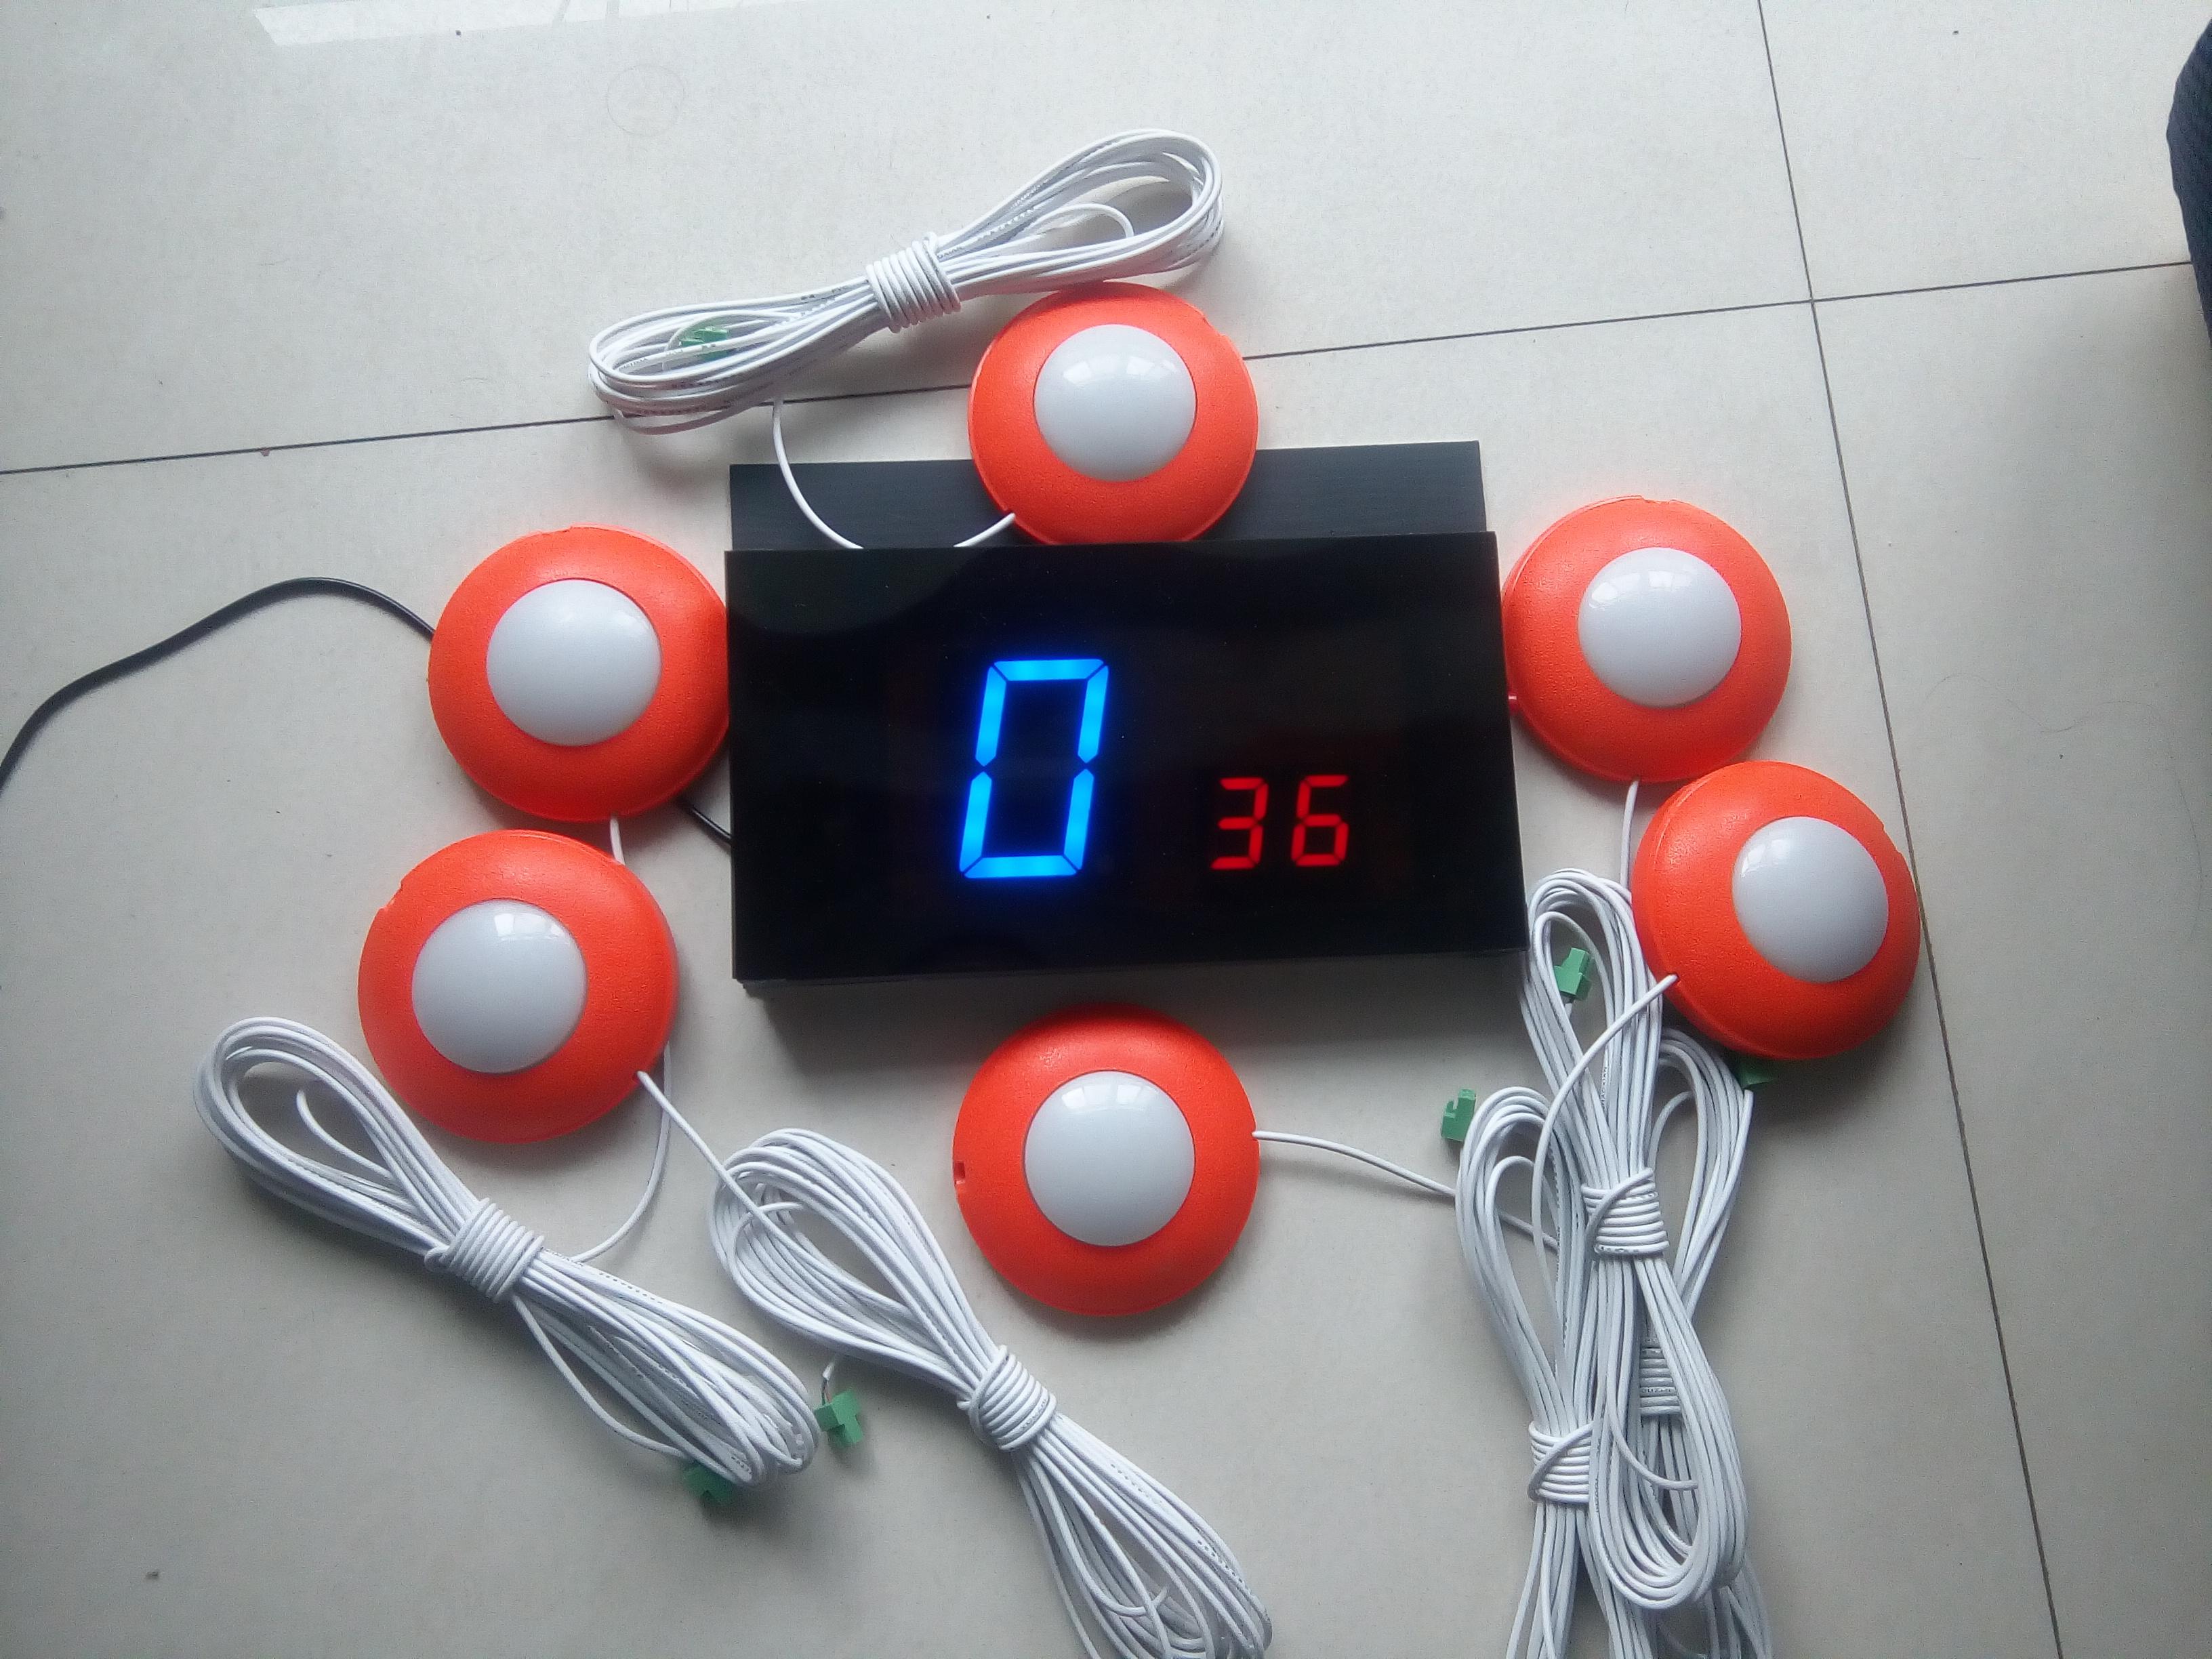 Беспроводной захват ответ устройство 4 группа 6 группа захват ответ устройство 8 группа беспроводной захват ответ устройство 12 группа беспроводной захват ответ устройство 10 группа